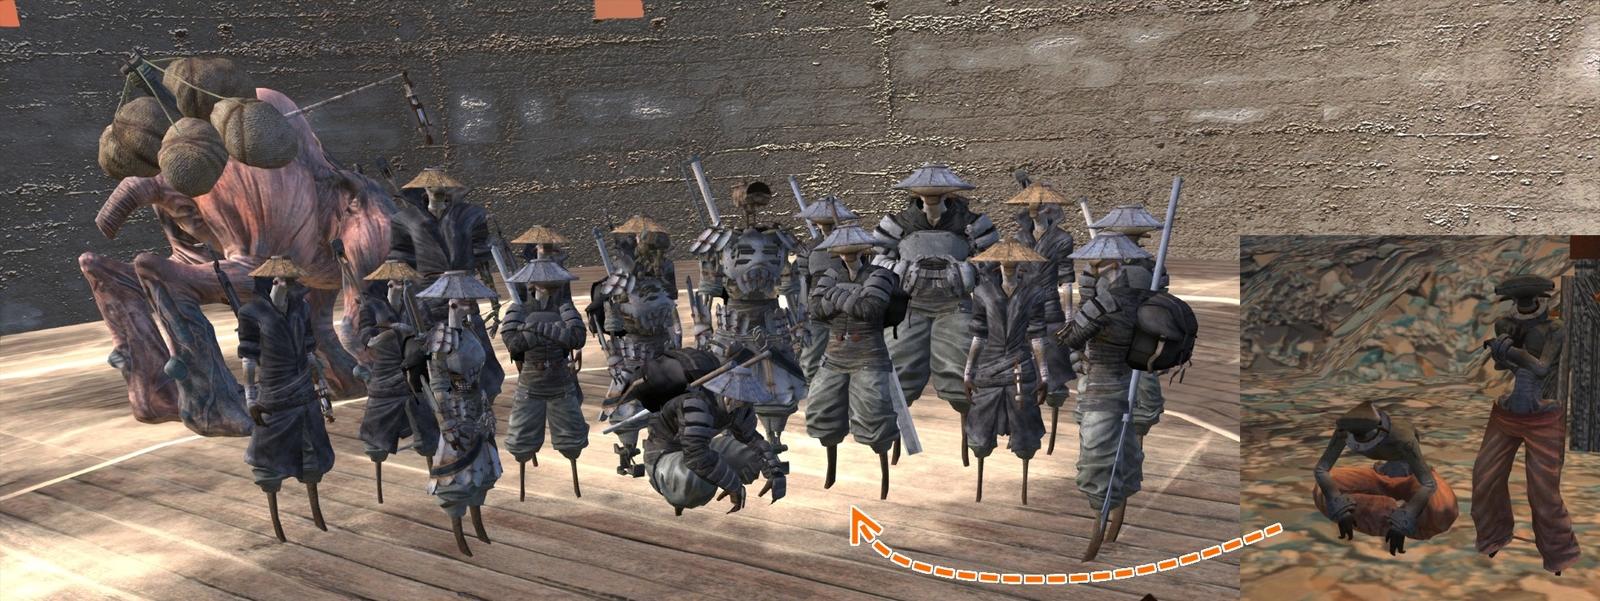 Kenshi Martial Arts Mod